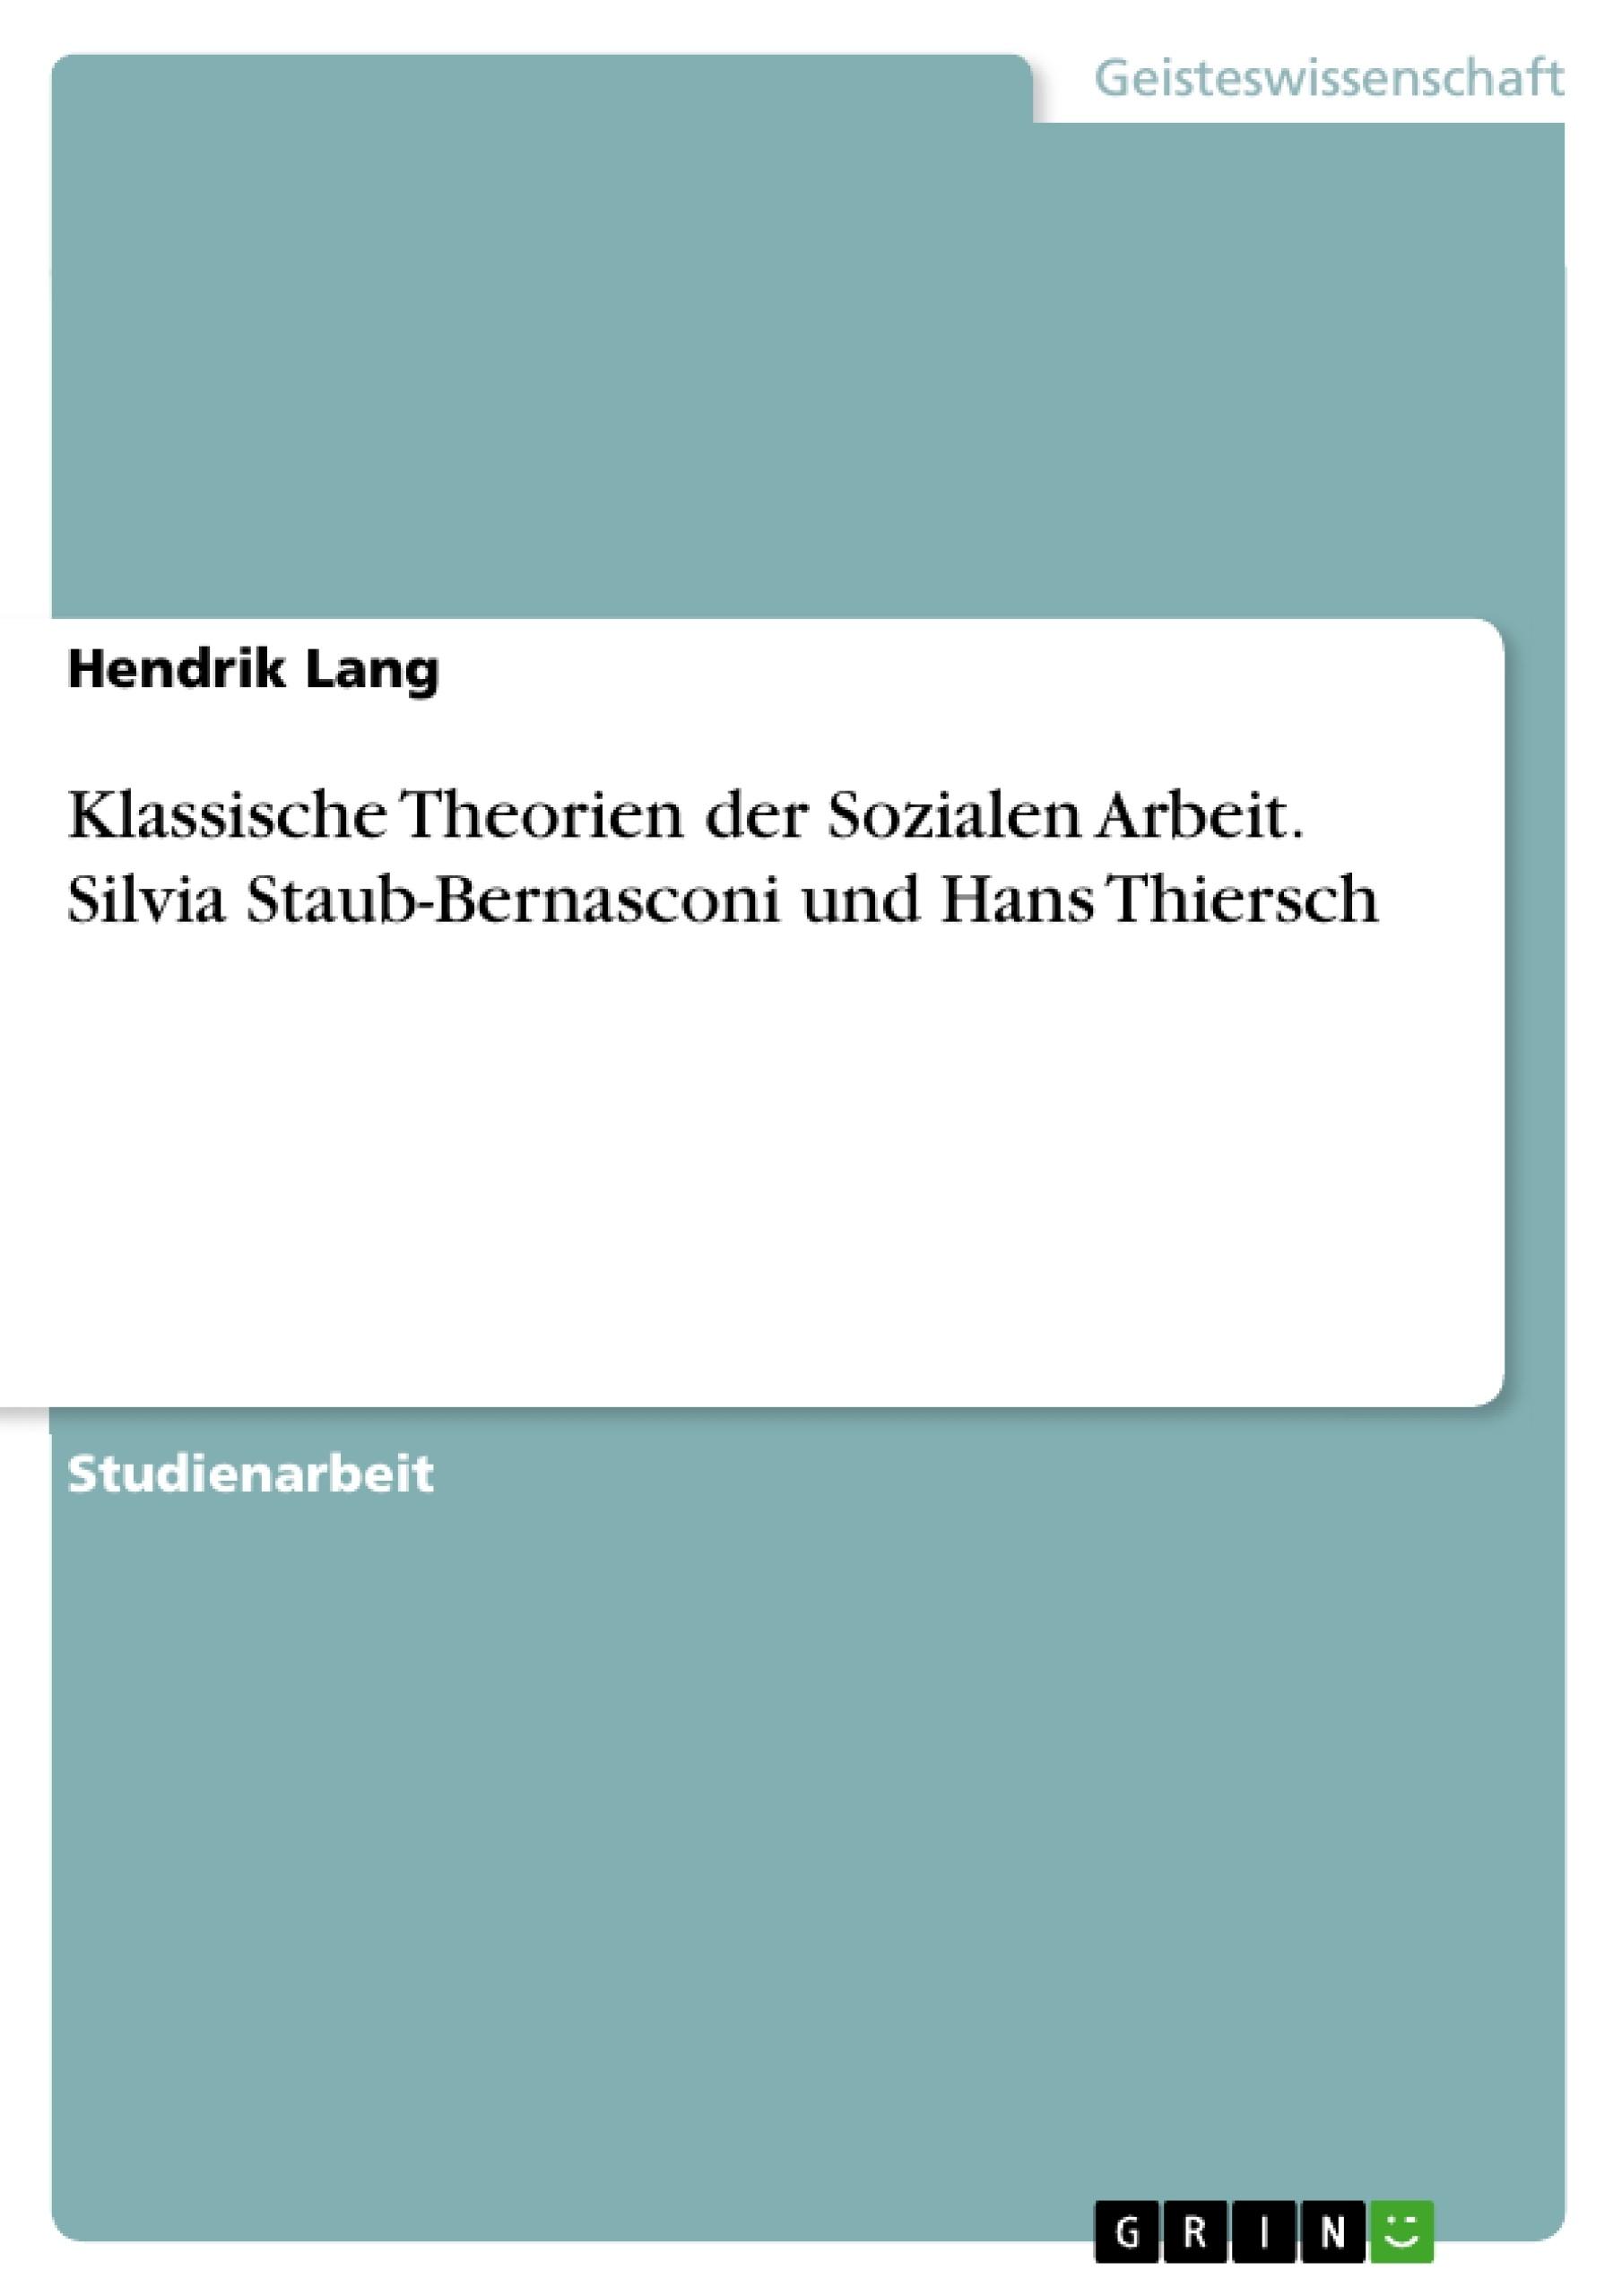 Titel: Klassische Theorien der Sozialen Arbeit. Silvia Staub-Bernasconi und Hans Thiersch